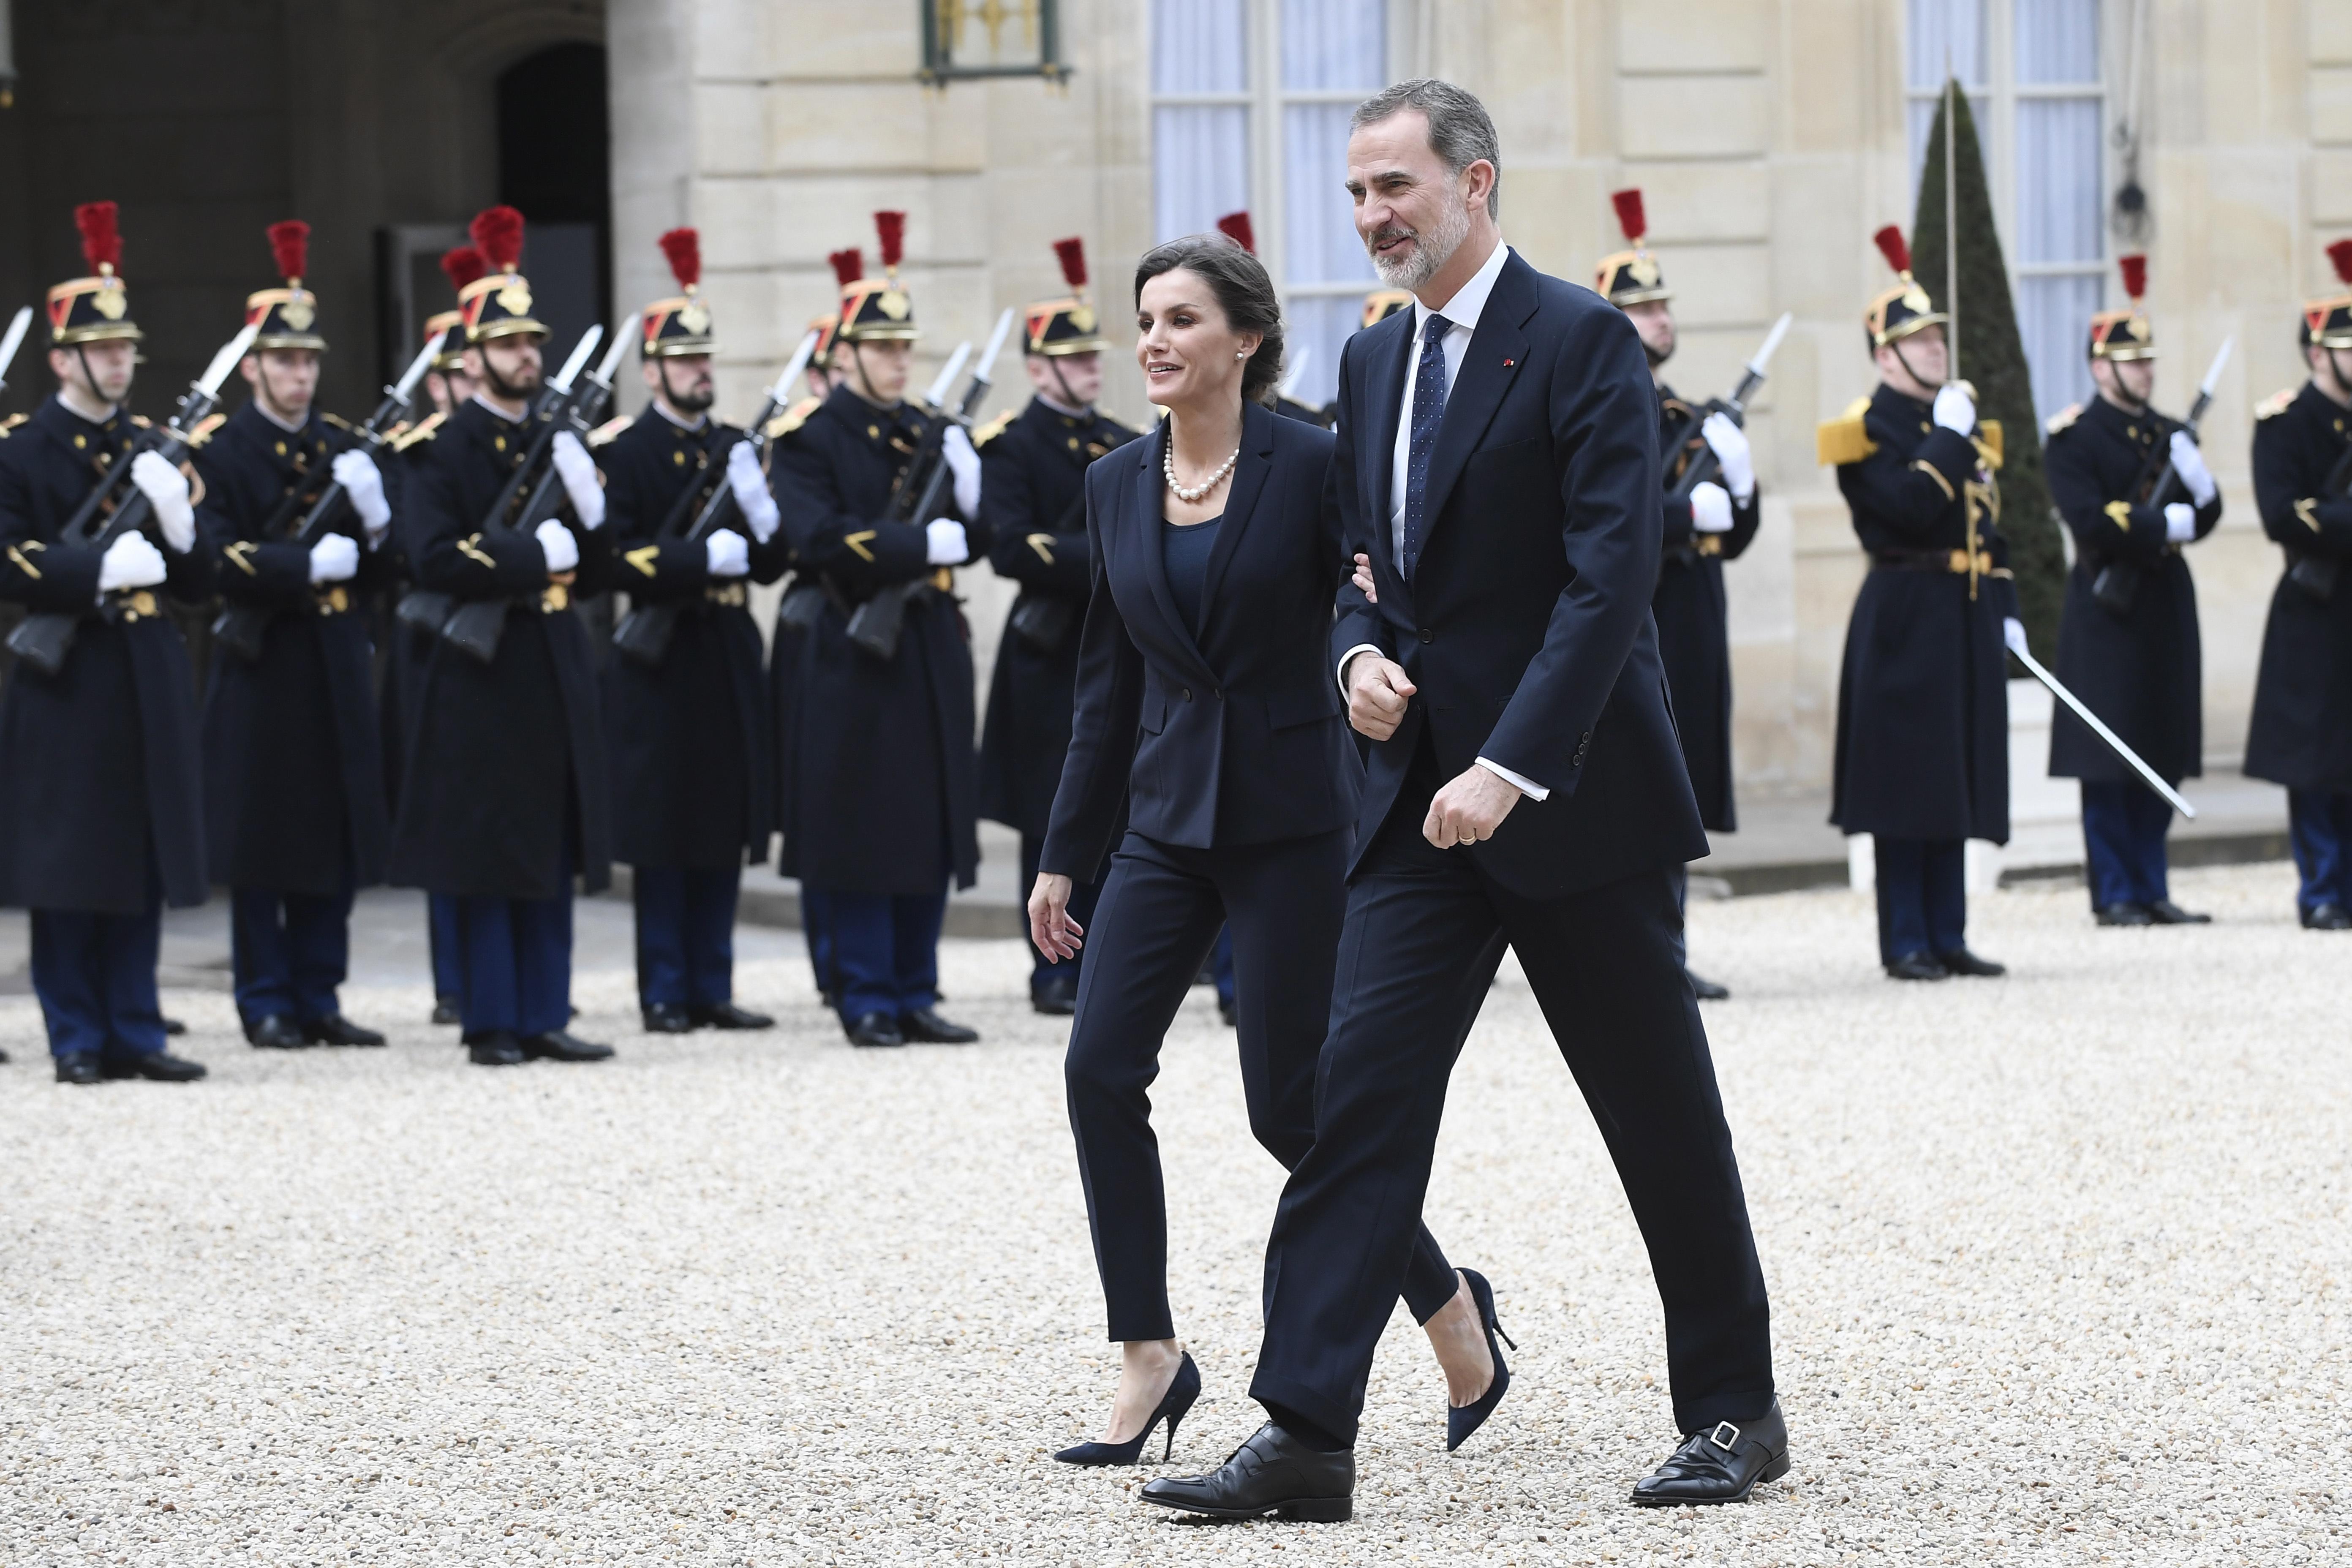 <p>Съпругите на френския президент и испанския крал също присъстваха.&nbsp;Двете дами се придържаха към строго елегантната визия, подходяща за подобно събитие.&nbsp;</p>